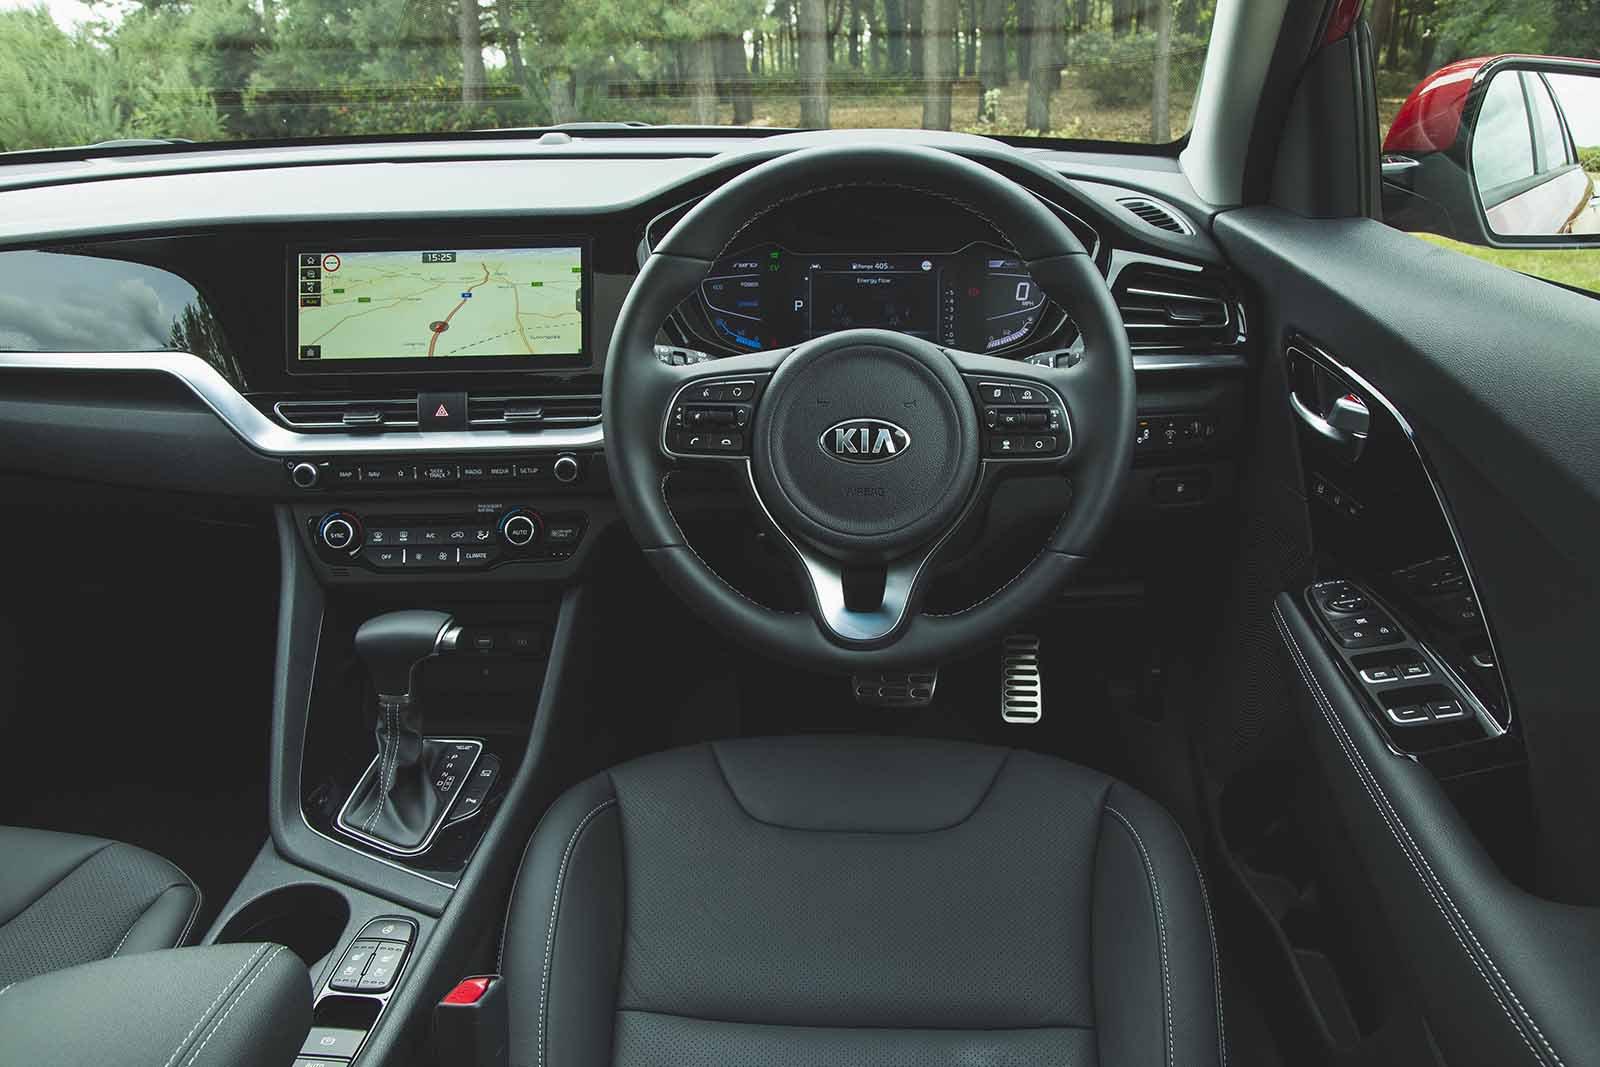 2019 Kia Niro 1.6 GDi Hybrid 2 DCT Auto - interior